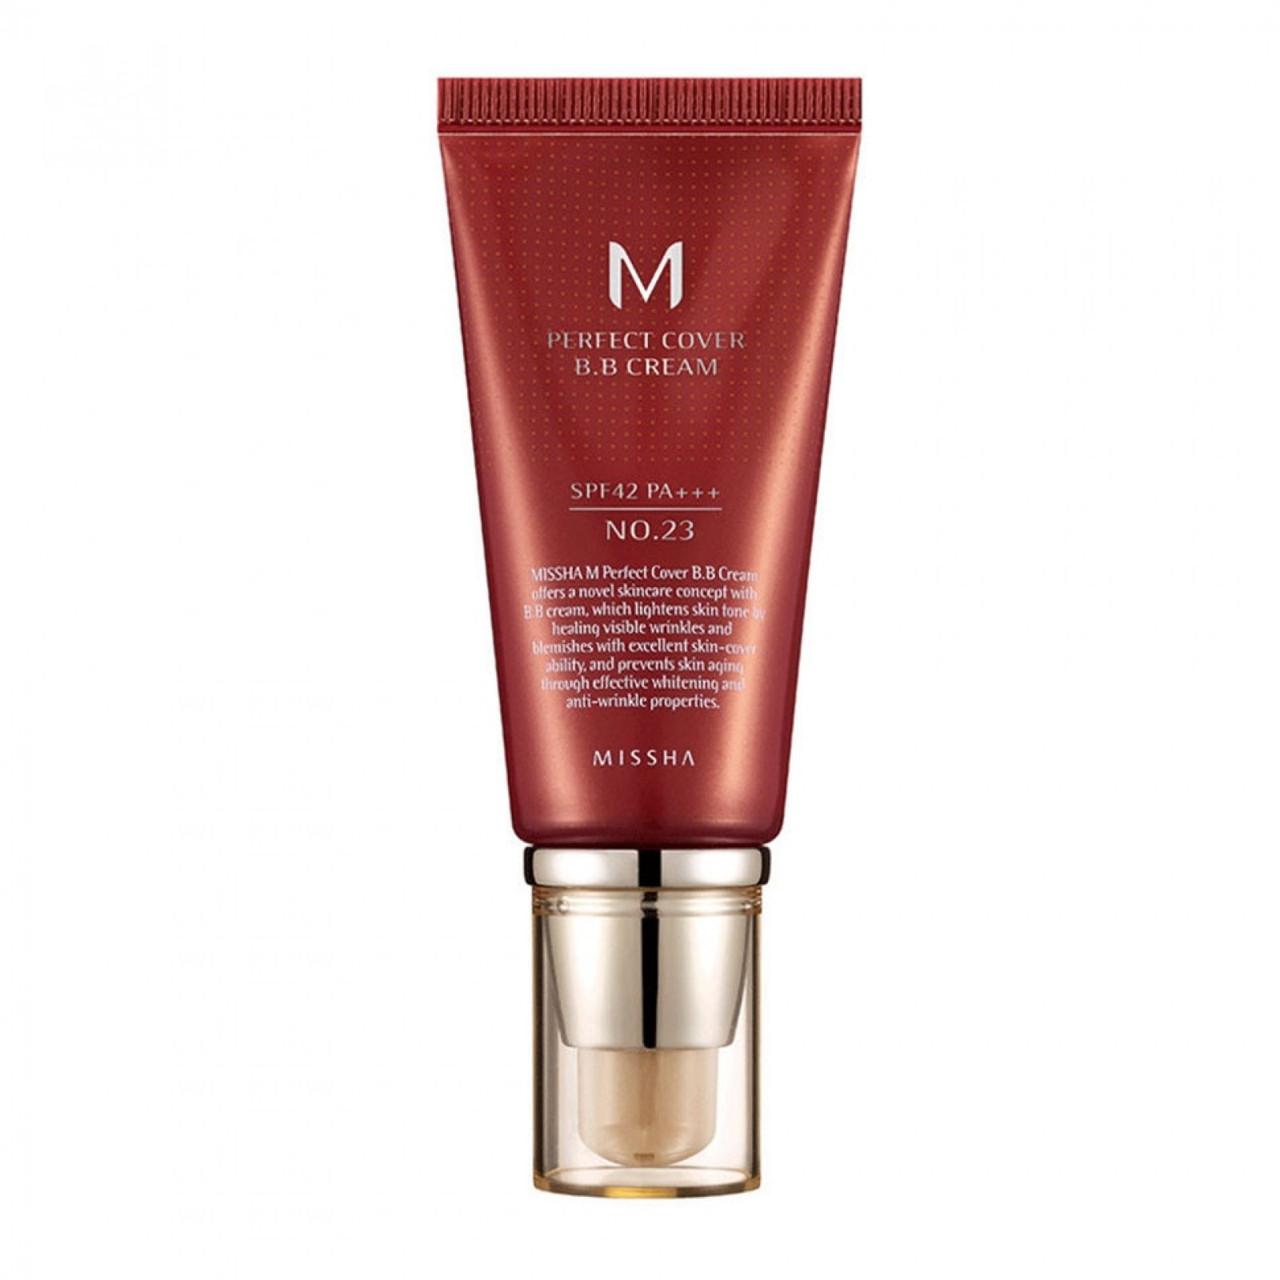 ВВ Крем увлажняющий и матирующий Missha M Perfect Cover BB Cream №23 Натуральный бежевый (50 мл)